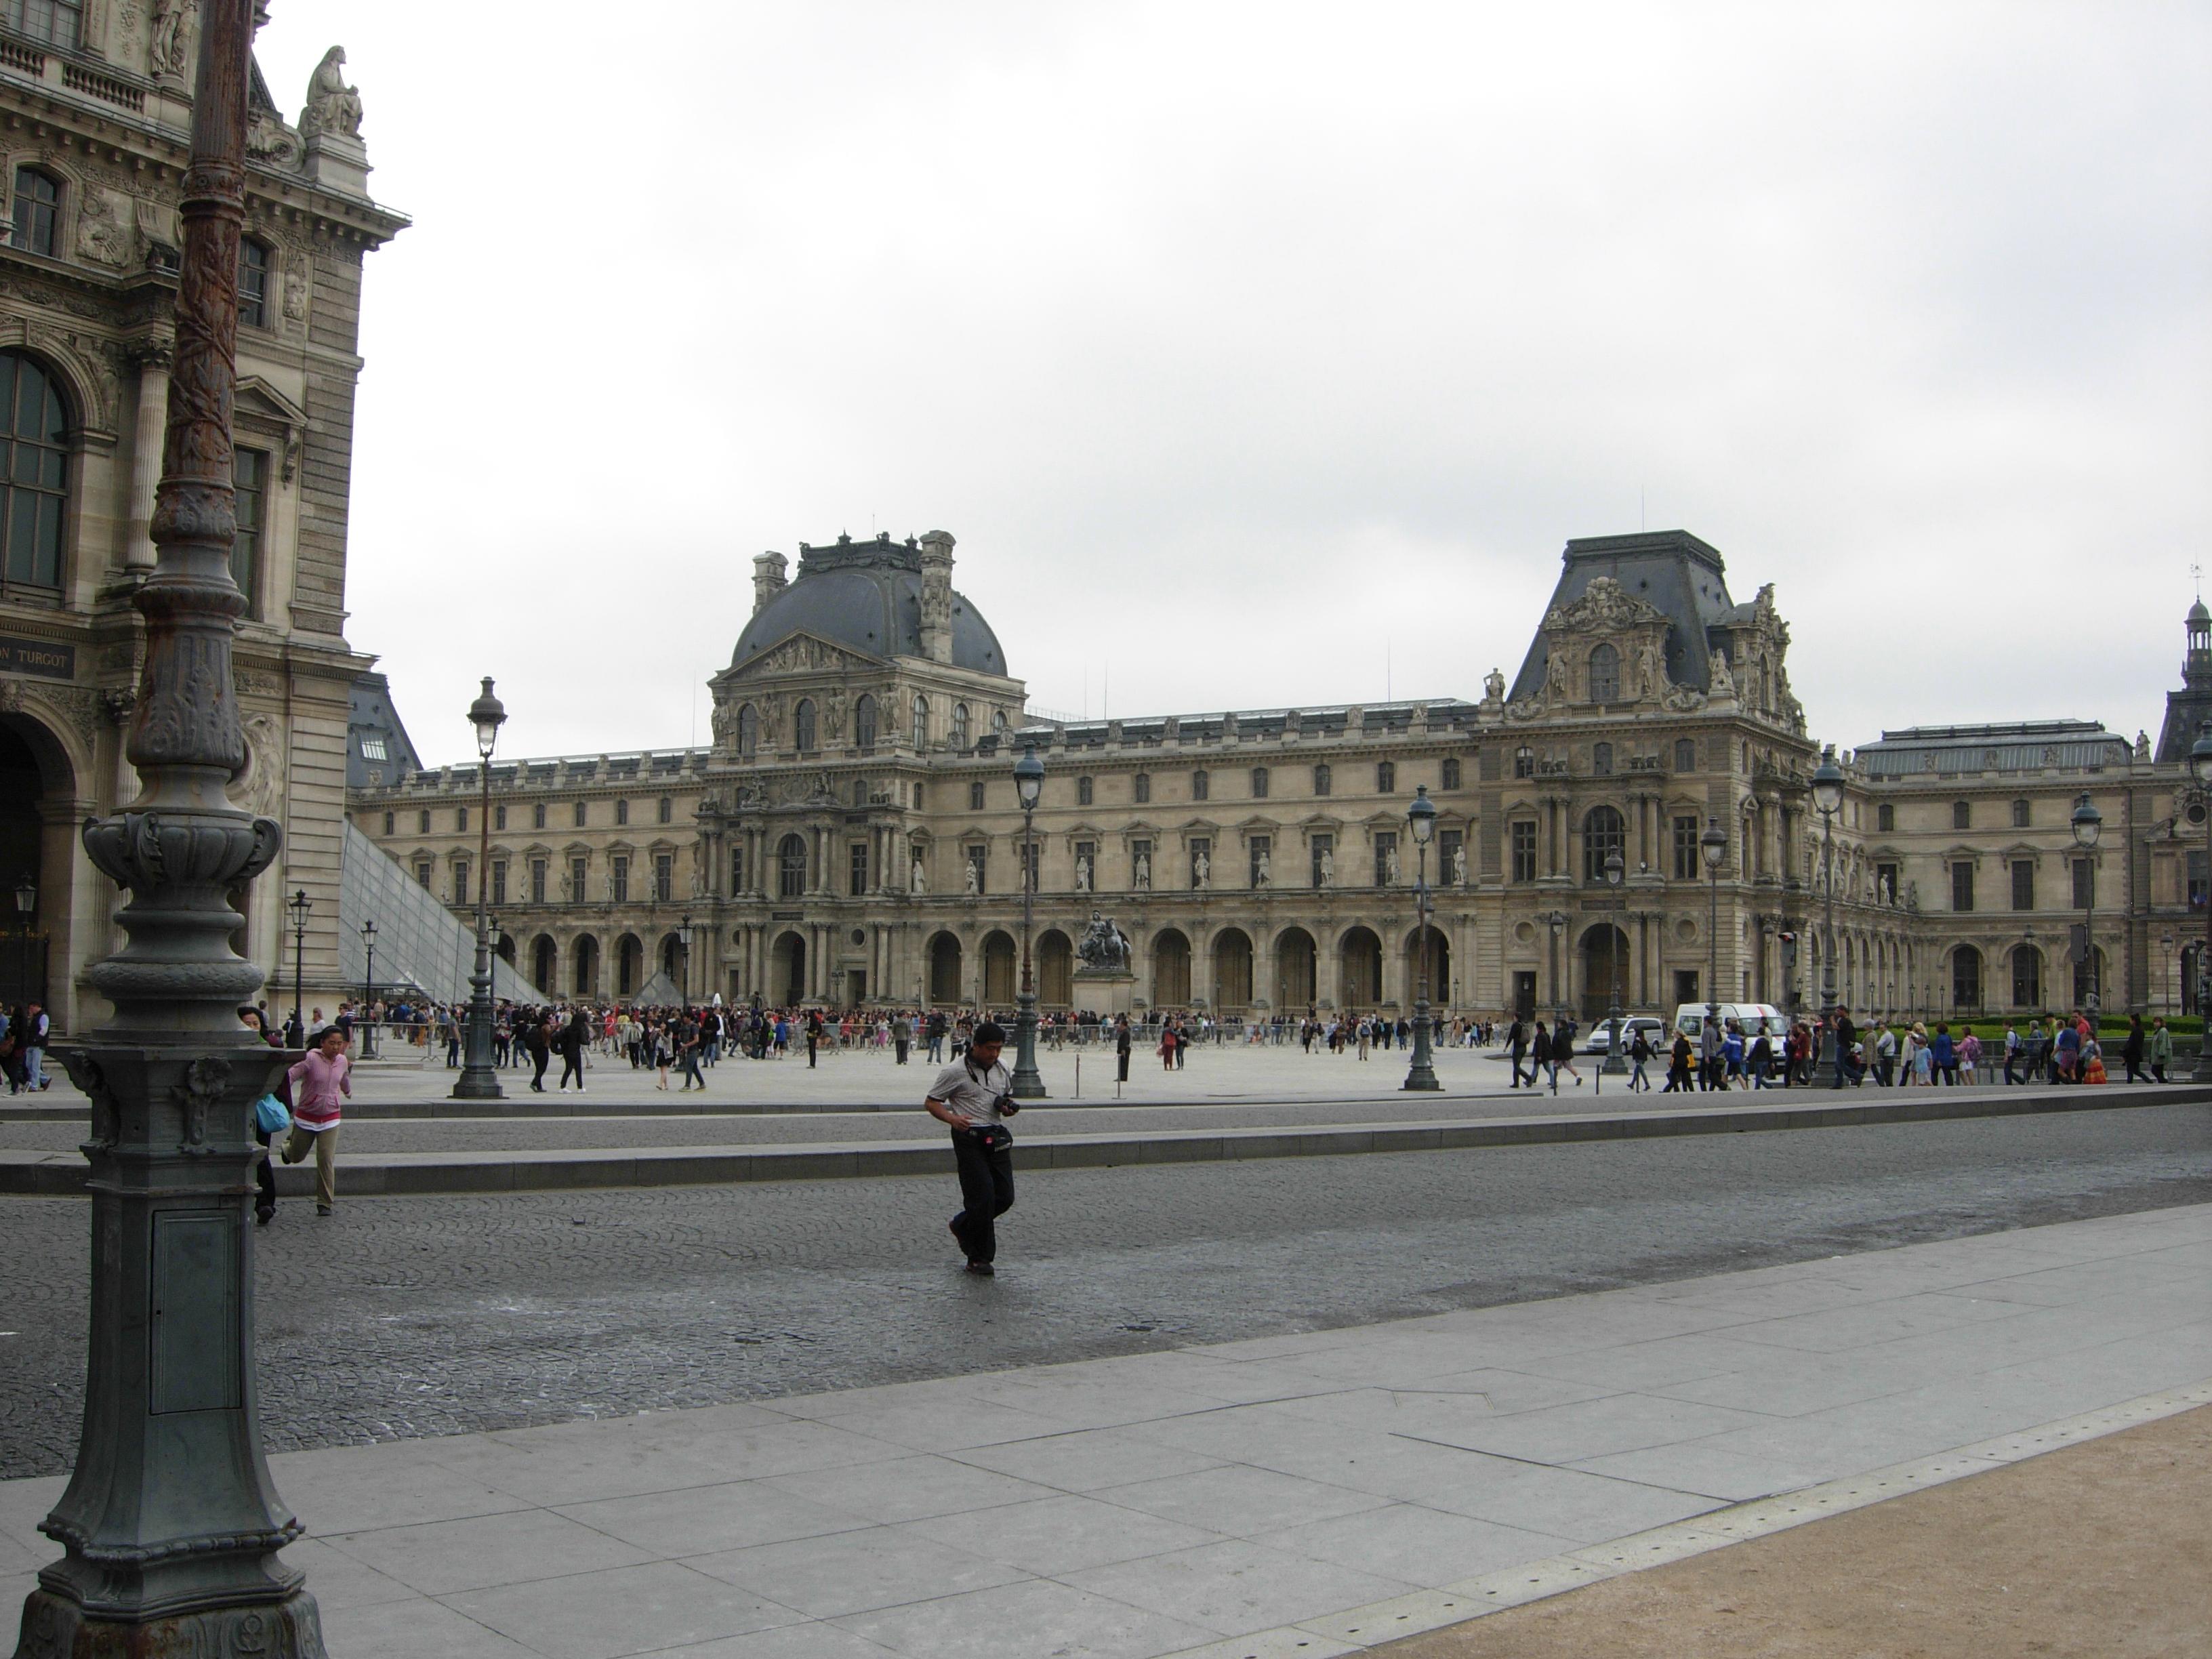 文化巴黎的魅力——卢浮宫、凯旋门……_图1-2